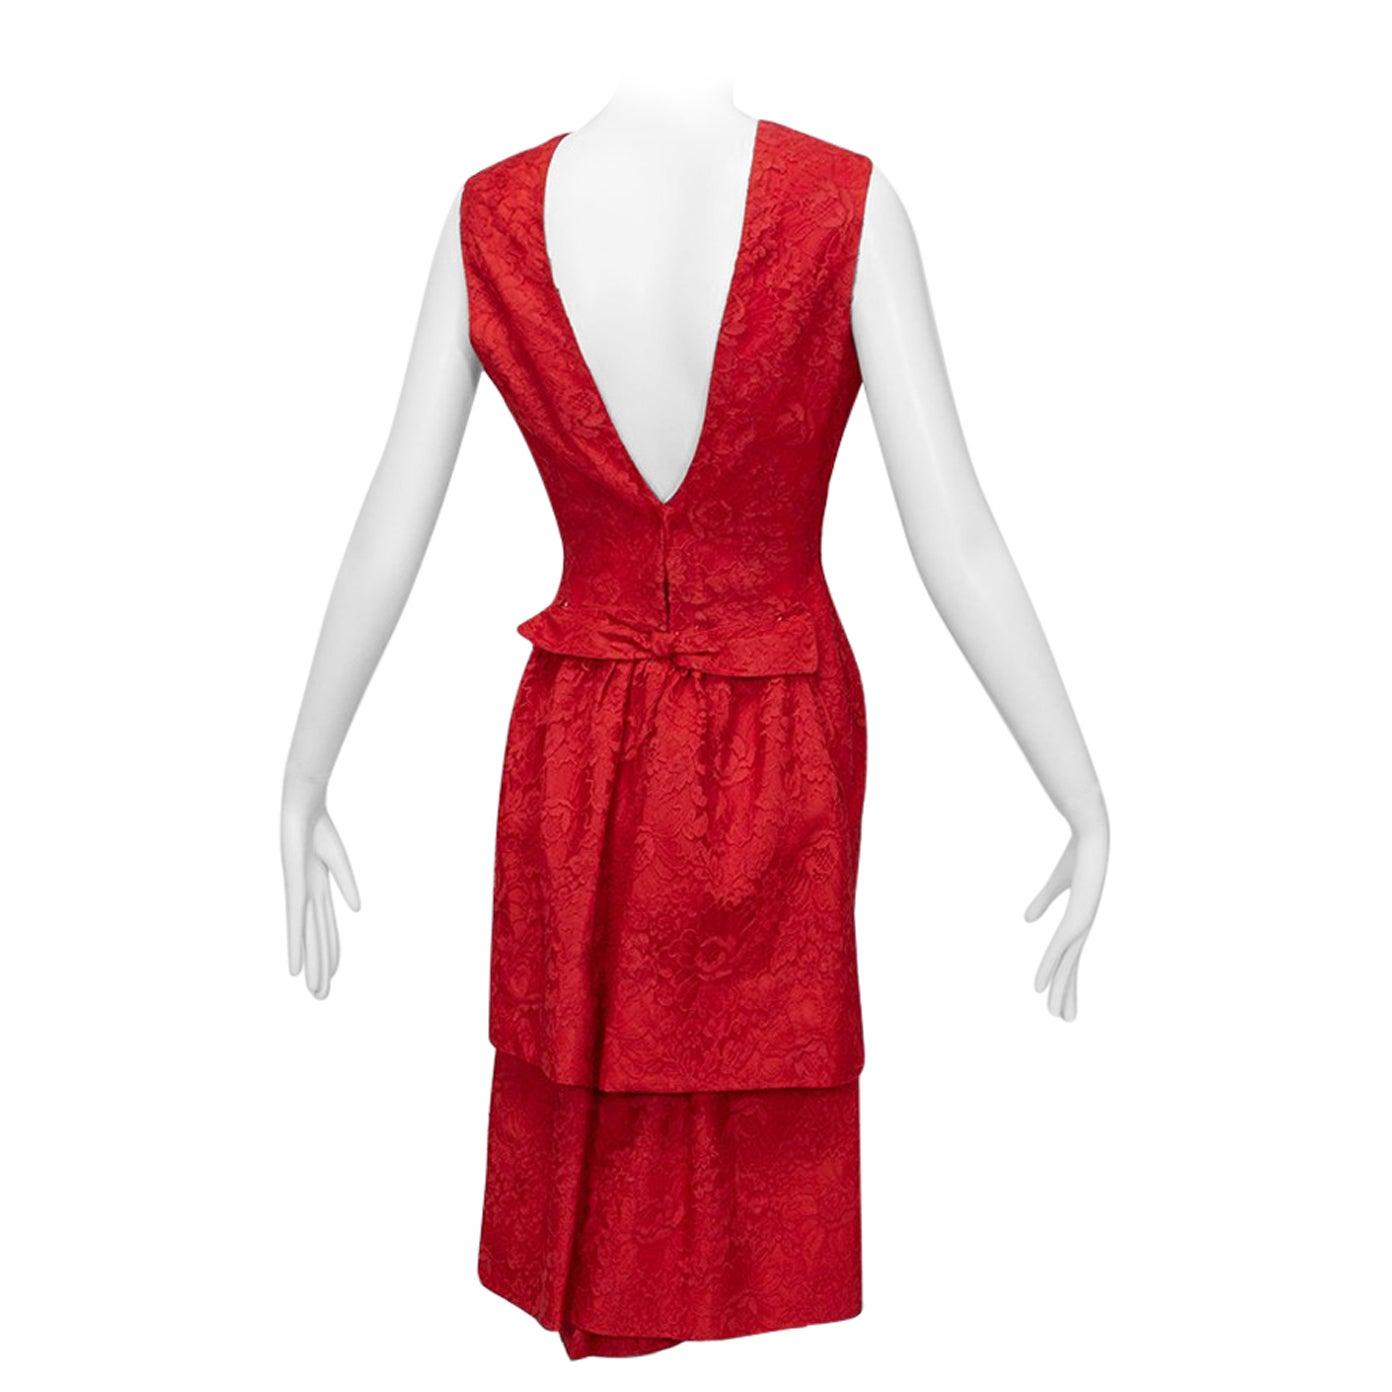 Jacques Cassia Haute Couture Plunge Back Bustle Dress, 1960s